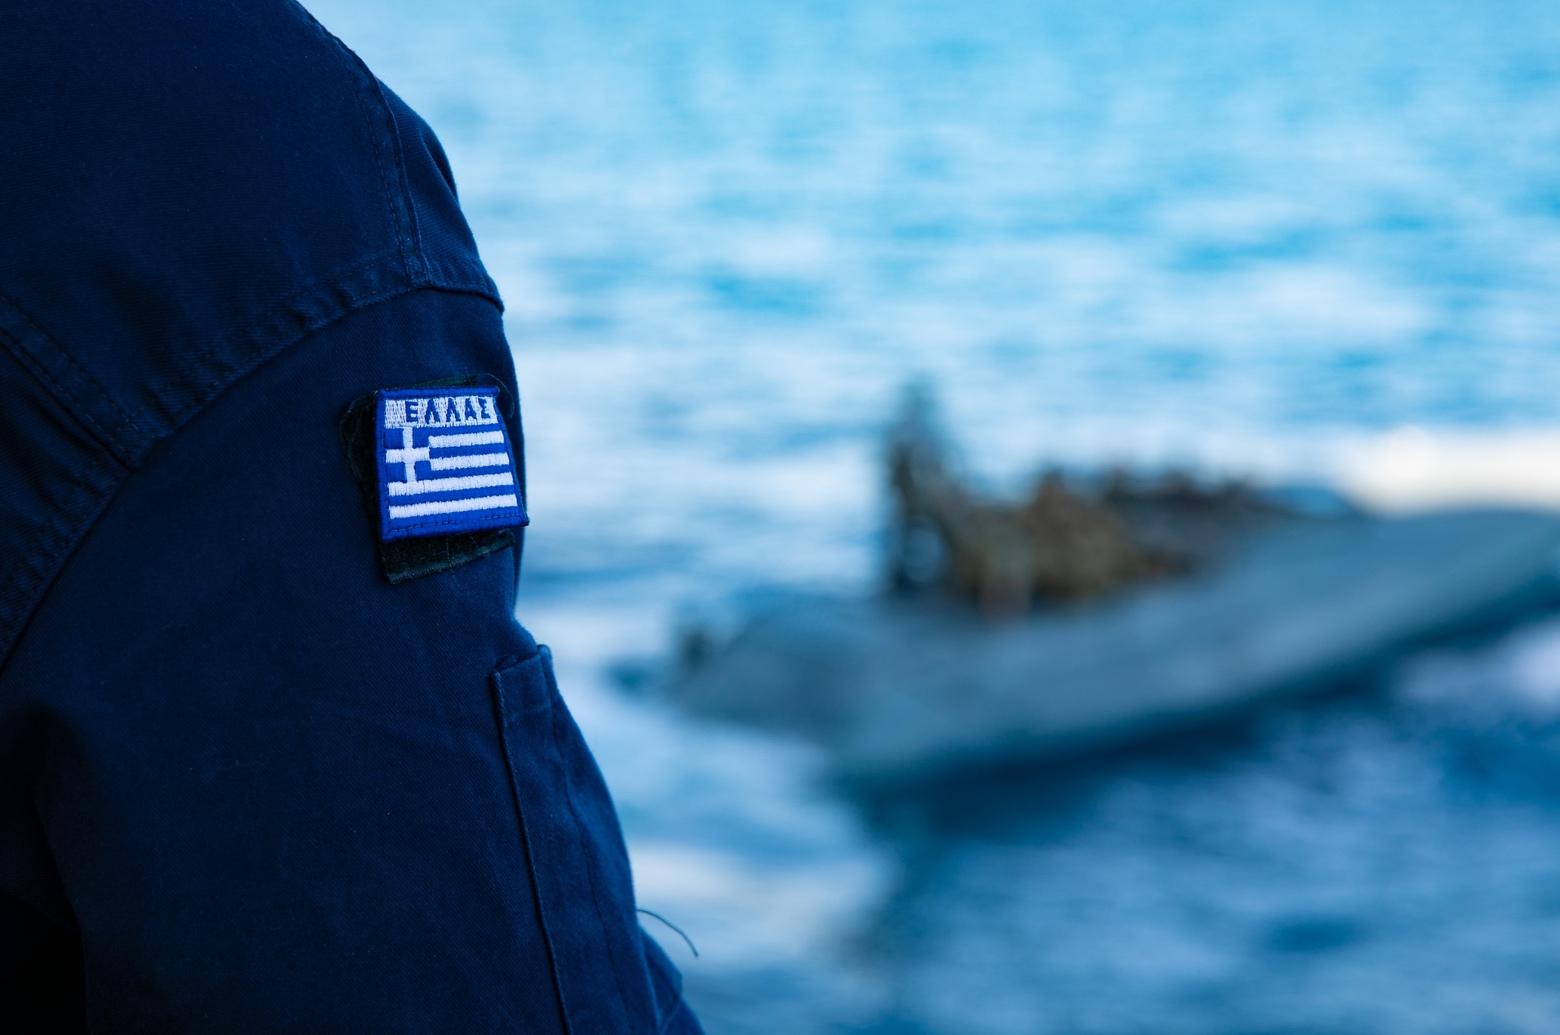 Διακρατική άσκηση Ελλάδας-Κύπρου–ΗΠΑ στη Σούδα από Δυνάμεις Ειδικών Επιχειρήσεων 16